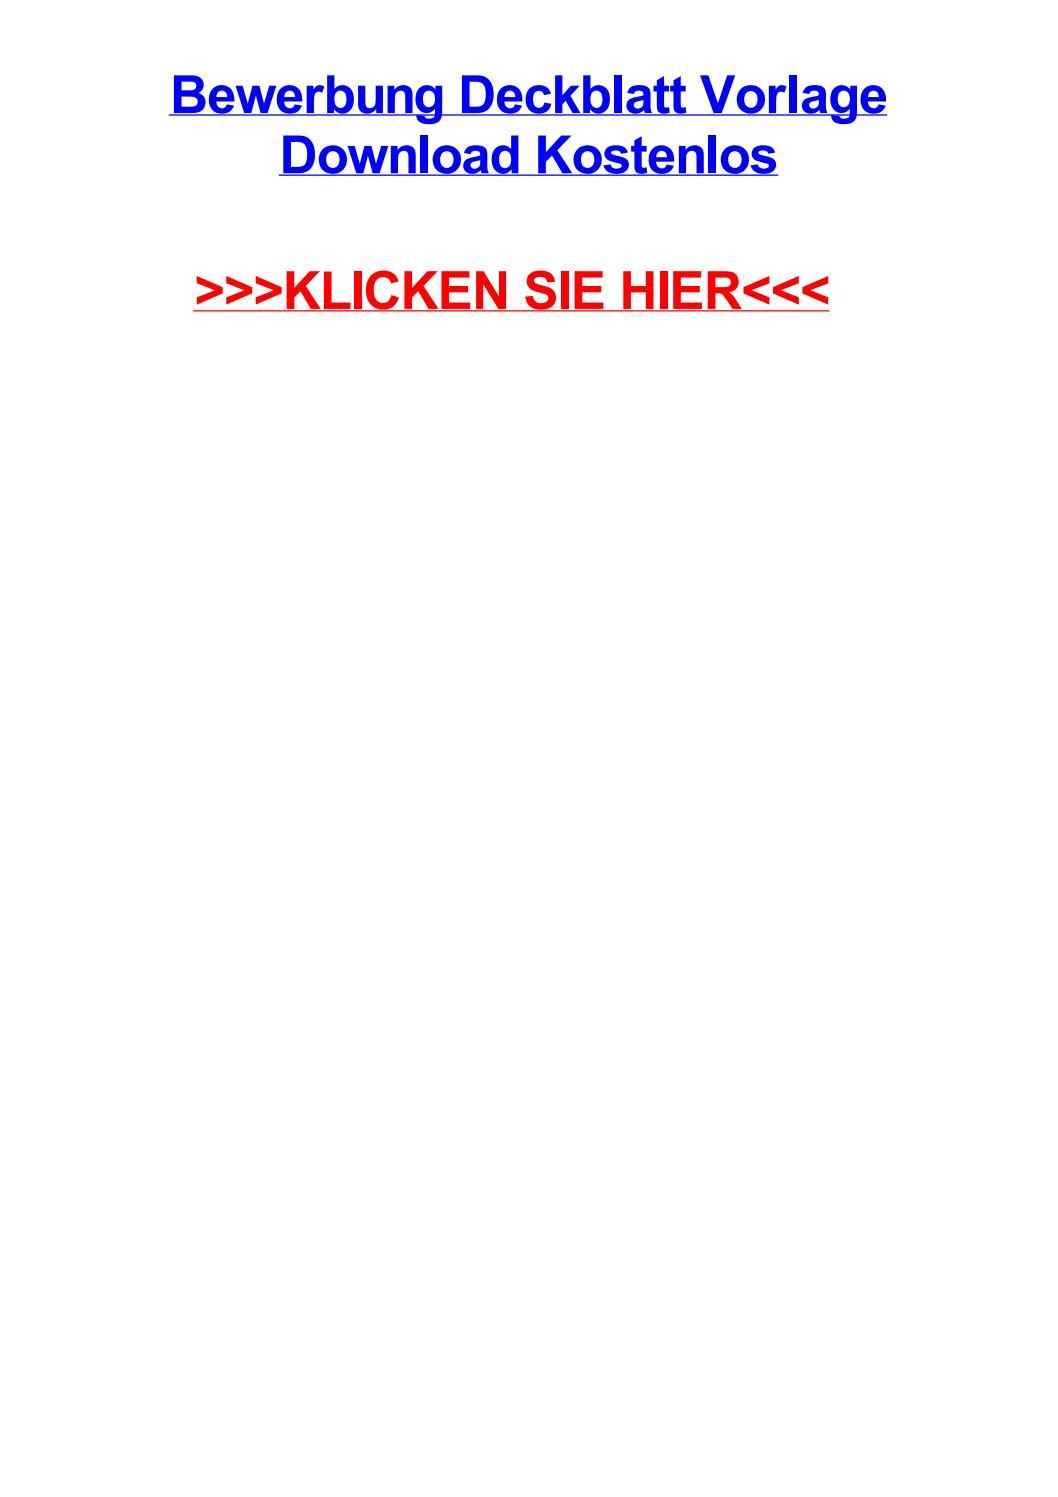 Bewerbung deckblatt vorlage download kostenlos by anthonysaoew - issuu